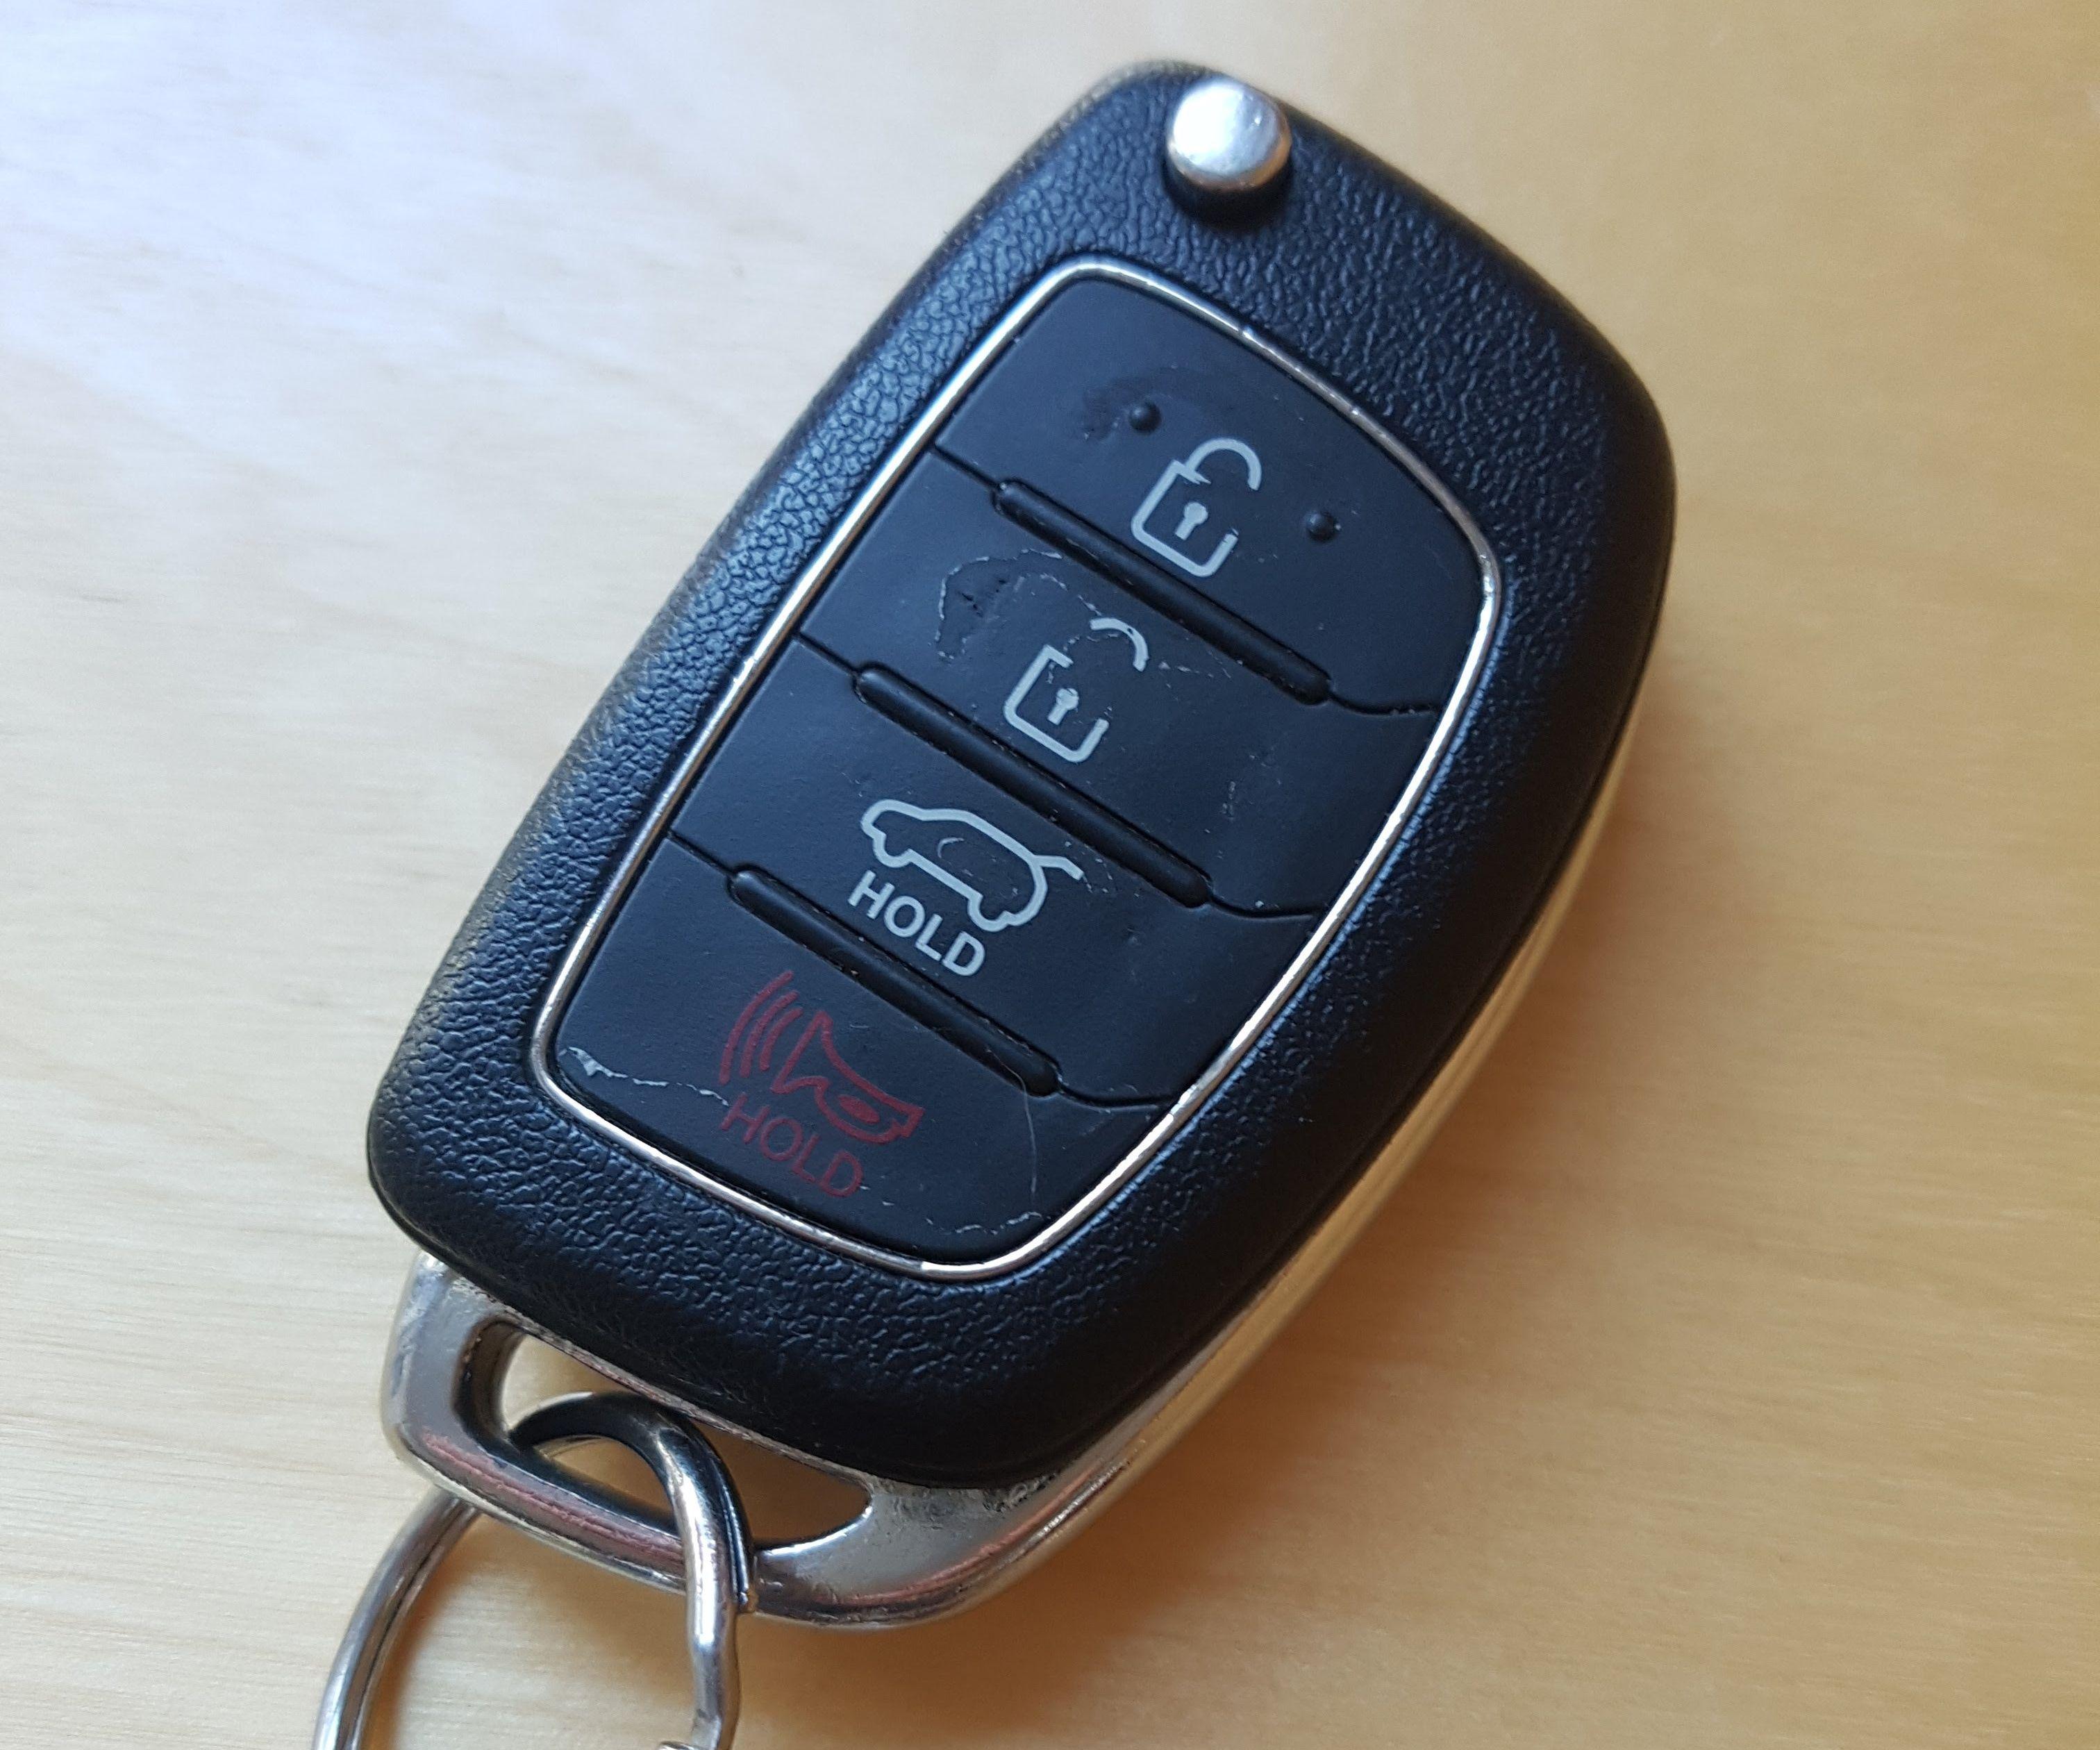 Repair Hyundai or Kia Flip Car Key: 6 Steps (with Pictures)